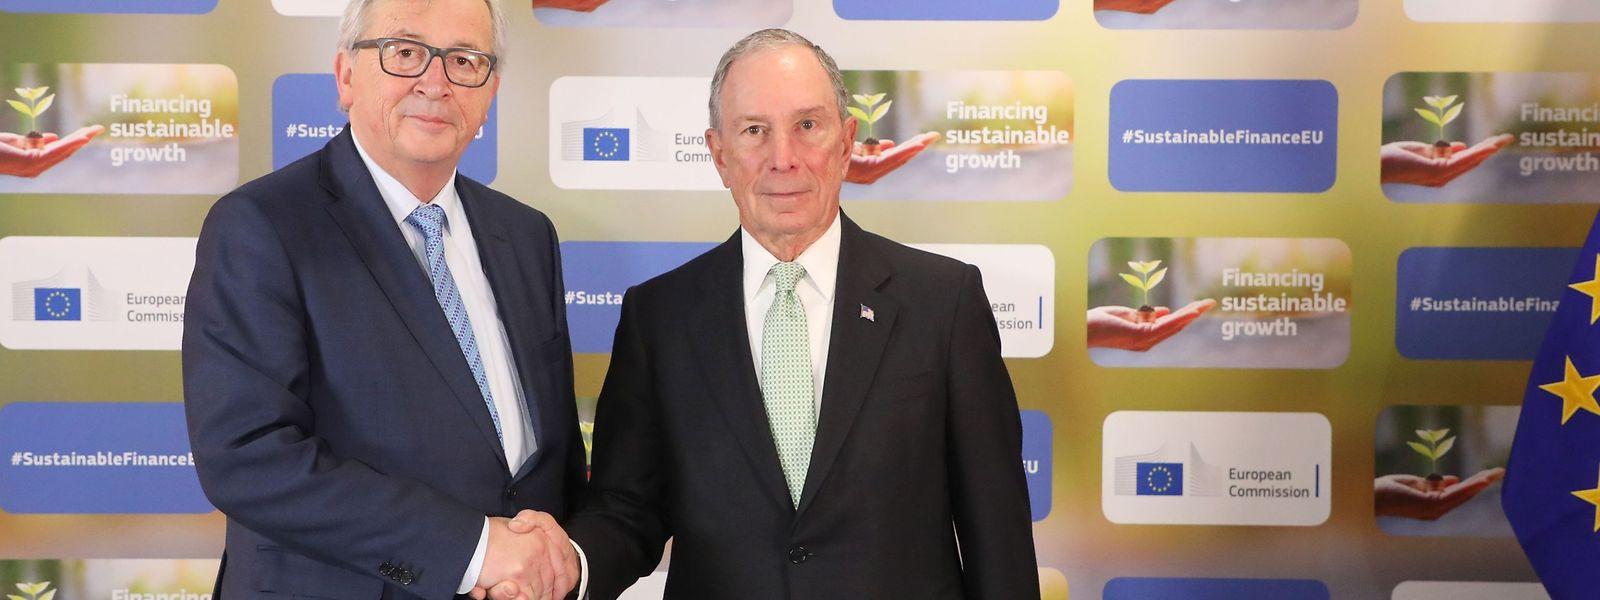 Ein hochrangiges Treffen: Der Präsident der Europäischen Kommission (l.), Jean-Claude Juncker, und Michael Bloomberg, Klimabeauftragter der Vereinten Nationen.